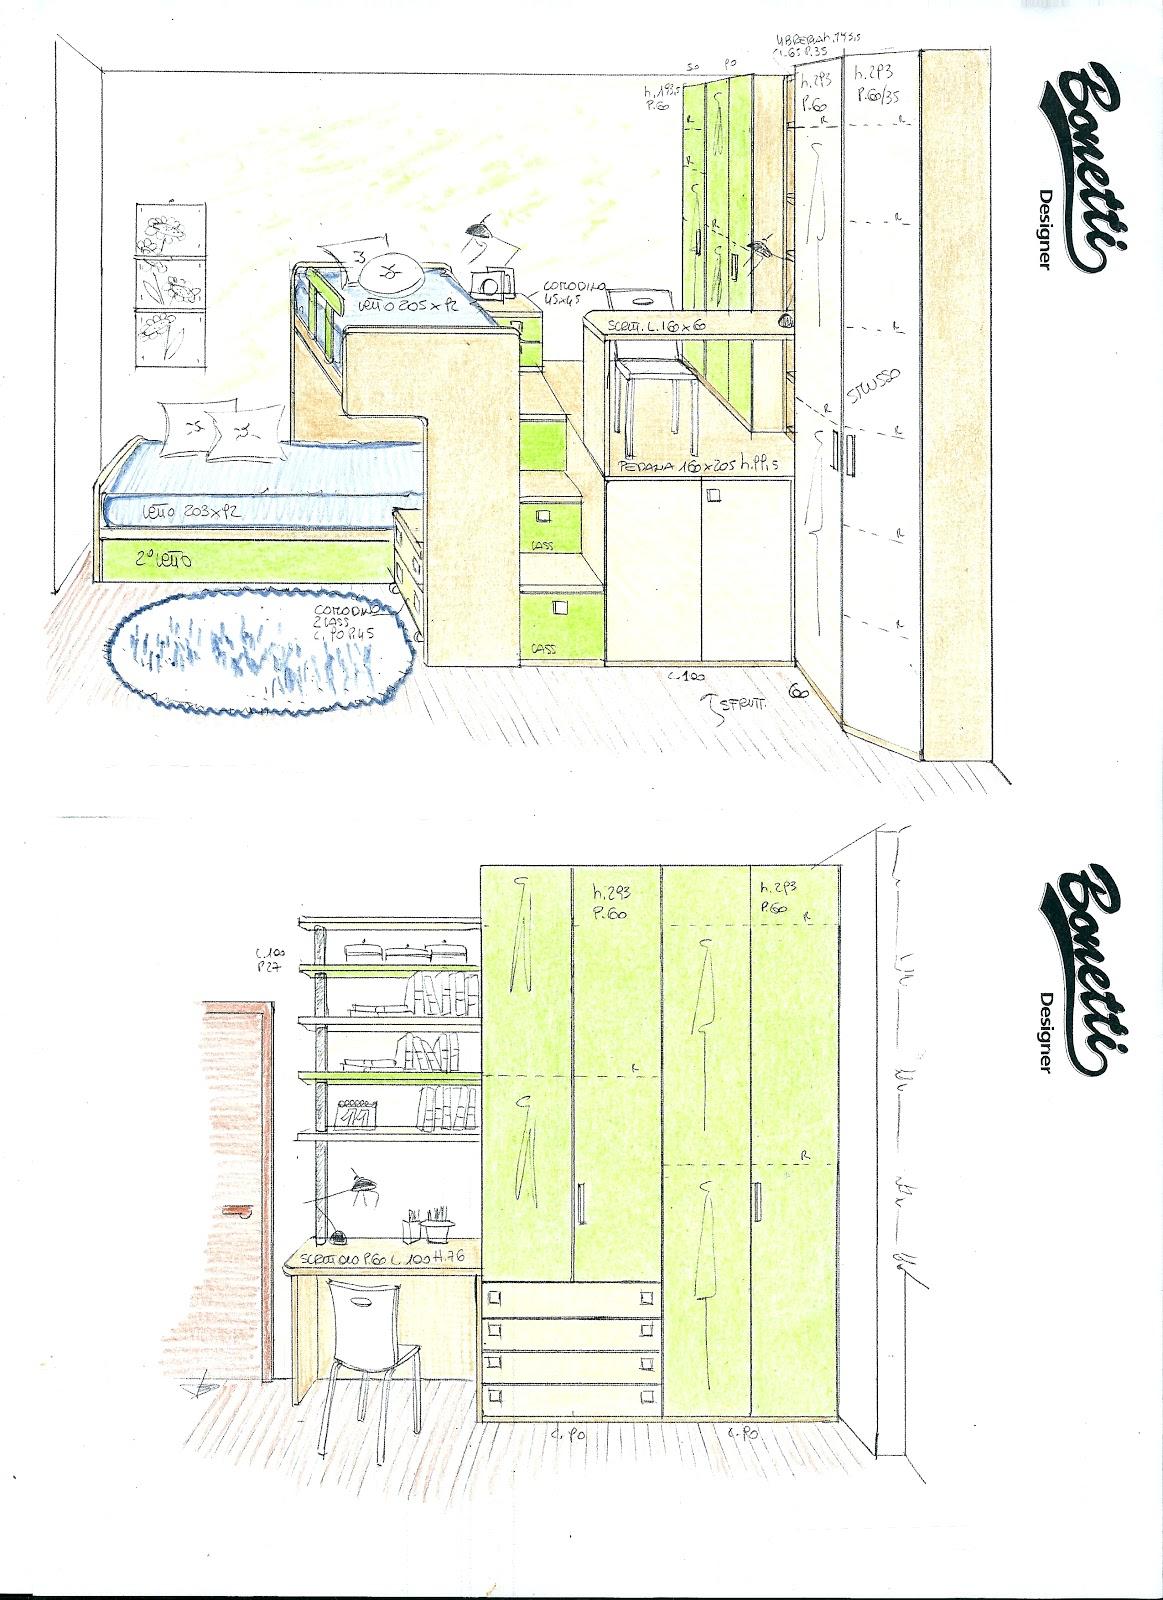 Bonetti camerette bonetti bedrooms progetti camerette - Camerette piccole soluzioni ...